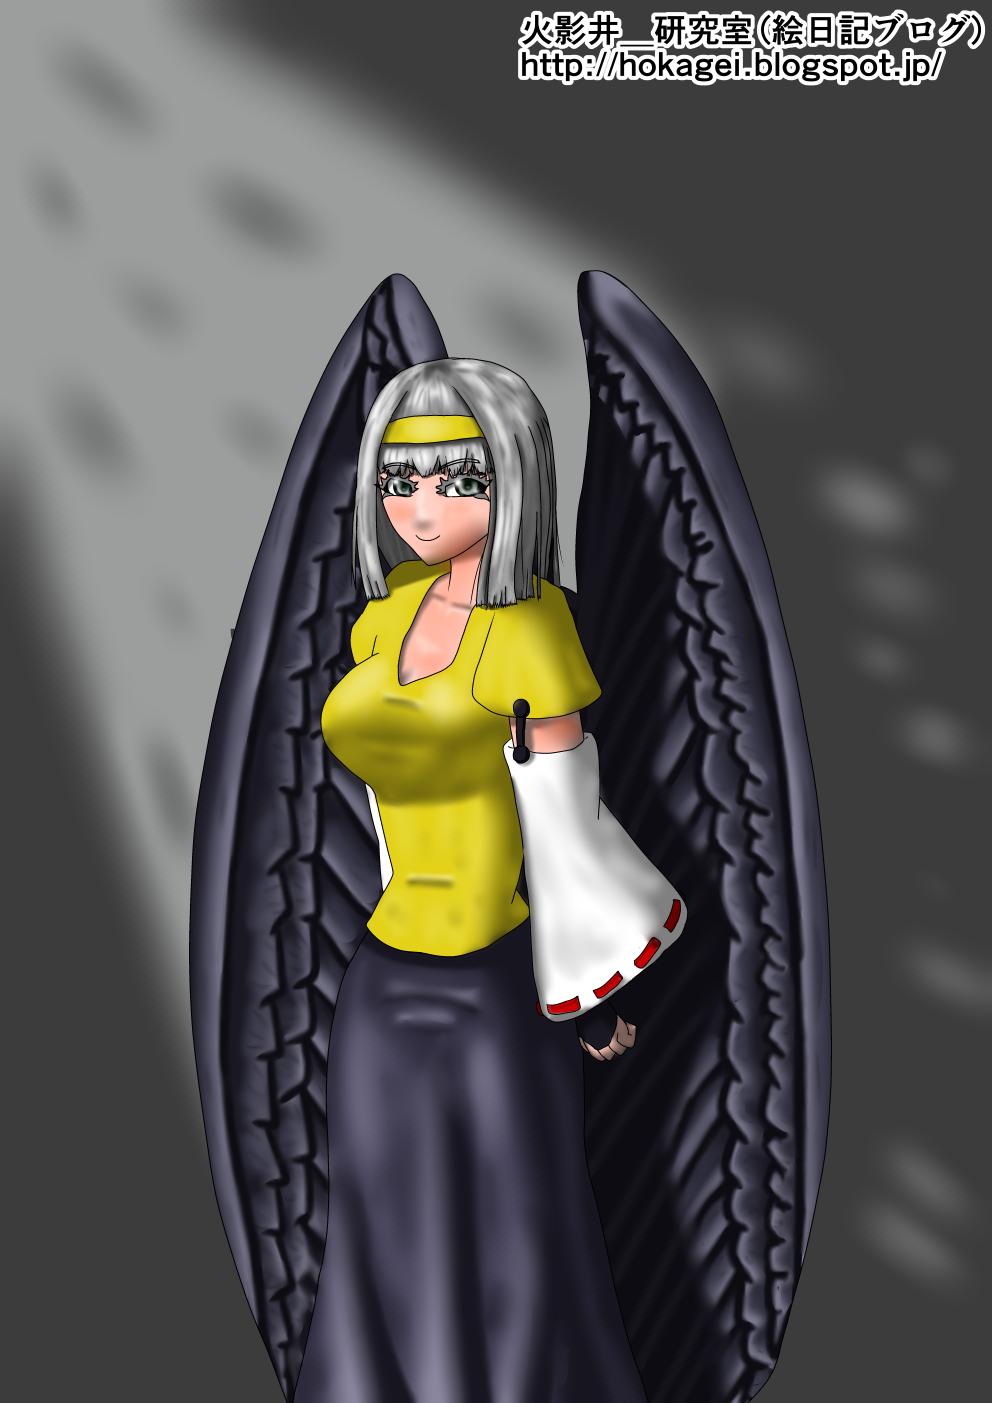 翼の描き方練習(羽園雫)